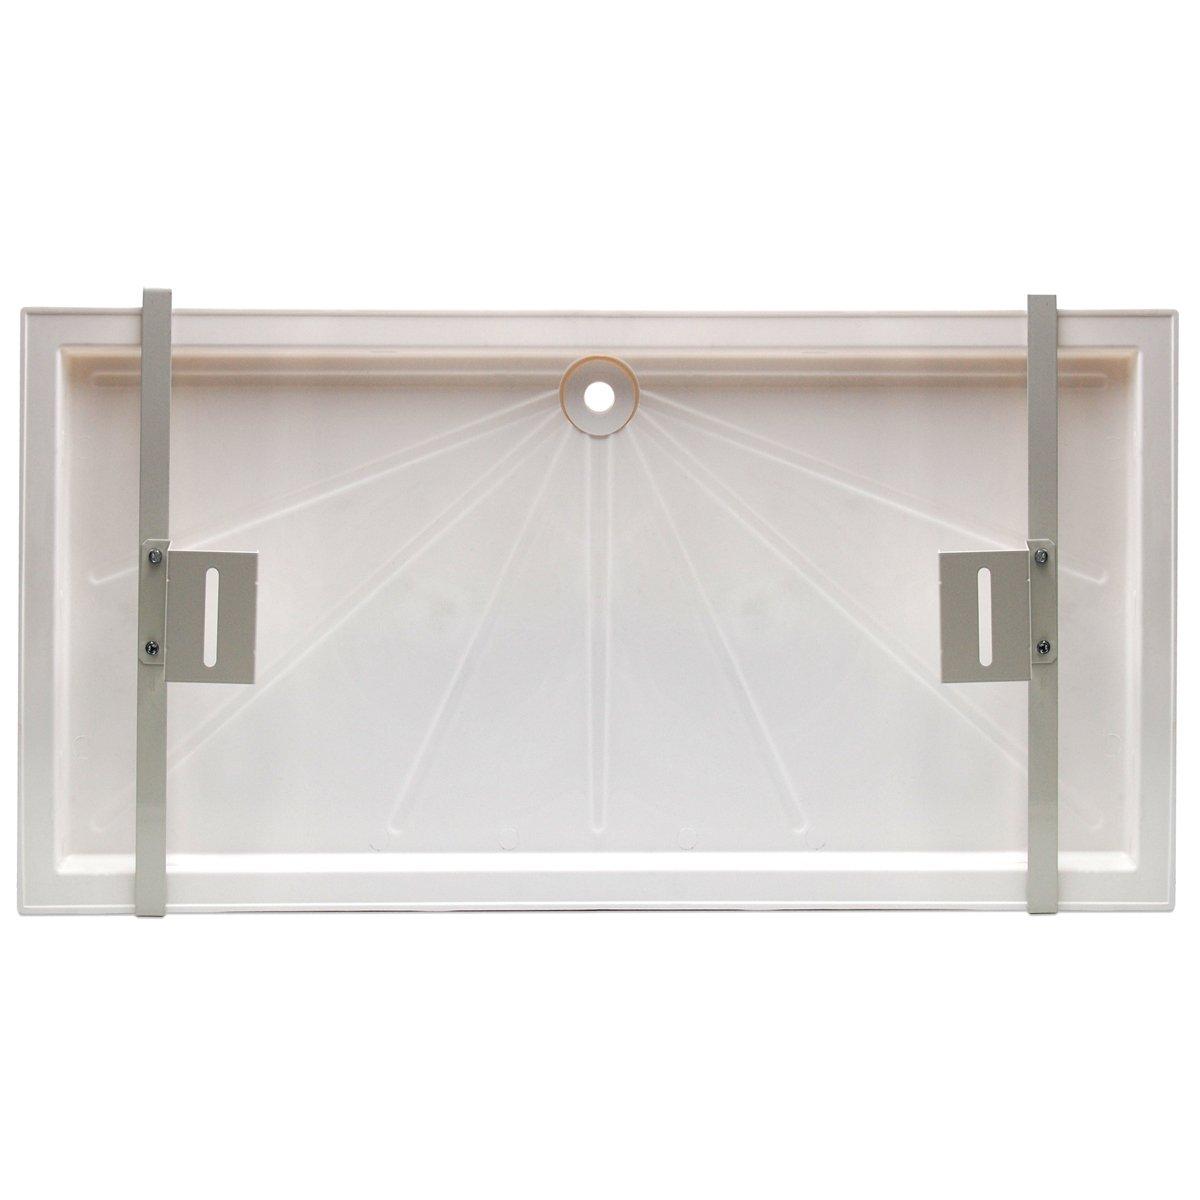 Droppskål PVC 425 x 945 mm